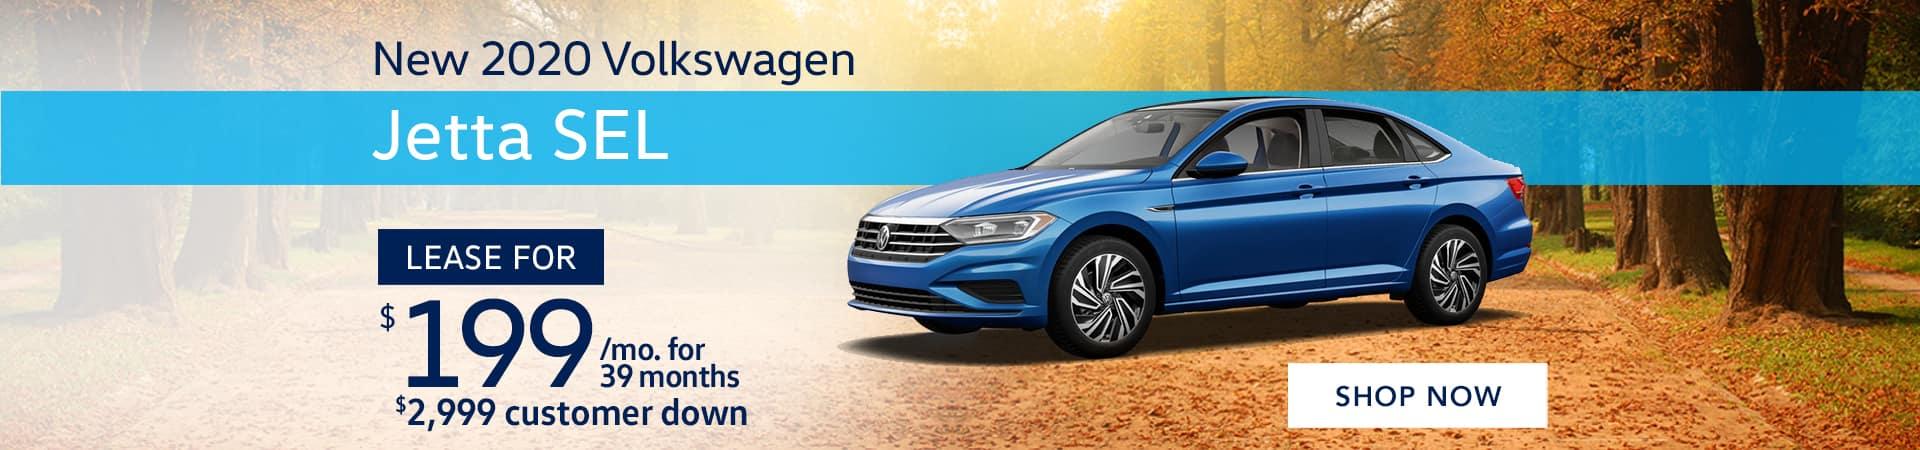 BVW_1920x450_New 2020 Volkswagen JettaS _09_20